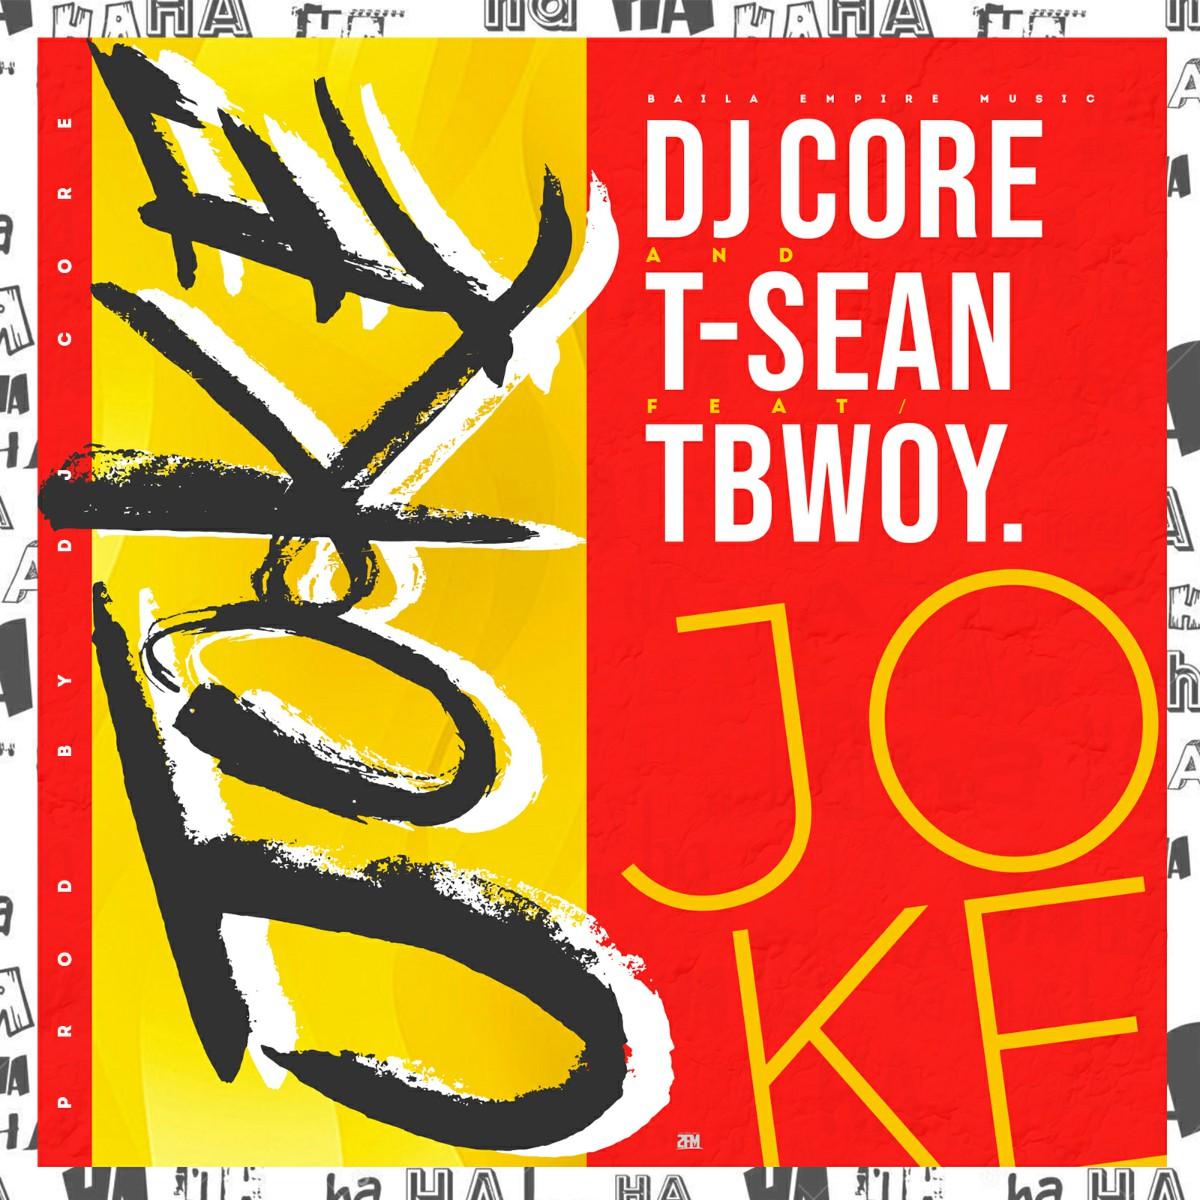 DJ Core & T-Sean ft. Tbwoy - Joke